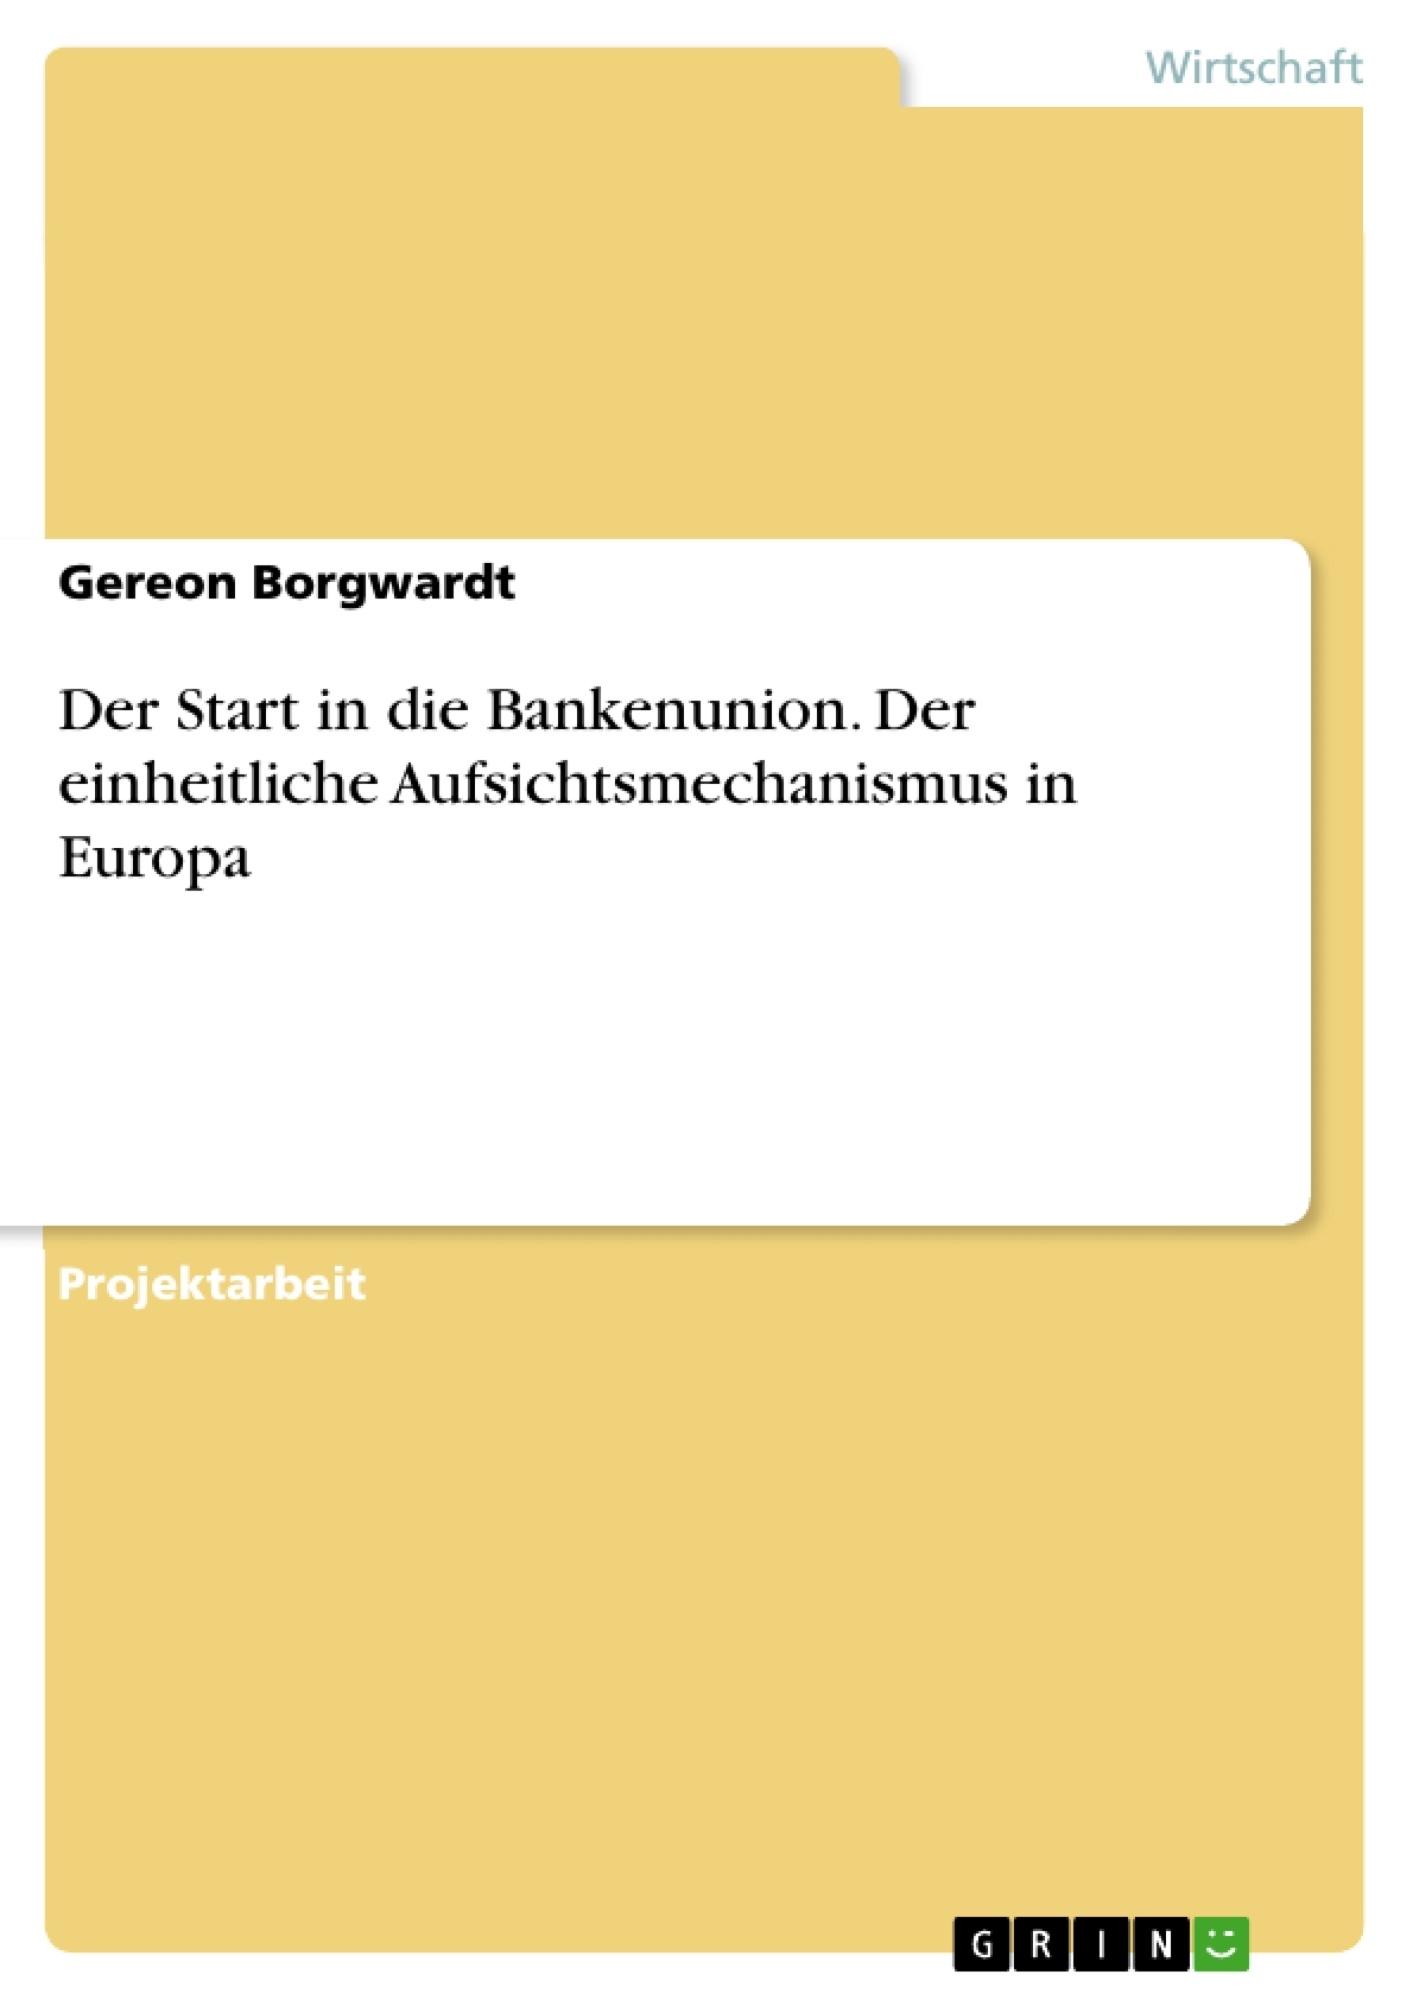 Titel: Der Start in die Bankenunion. Der einheitliche Aufsichtsmechanismus in Europa